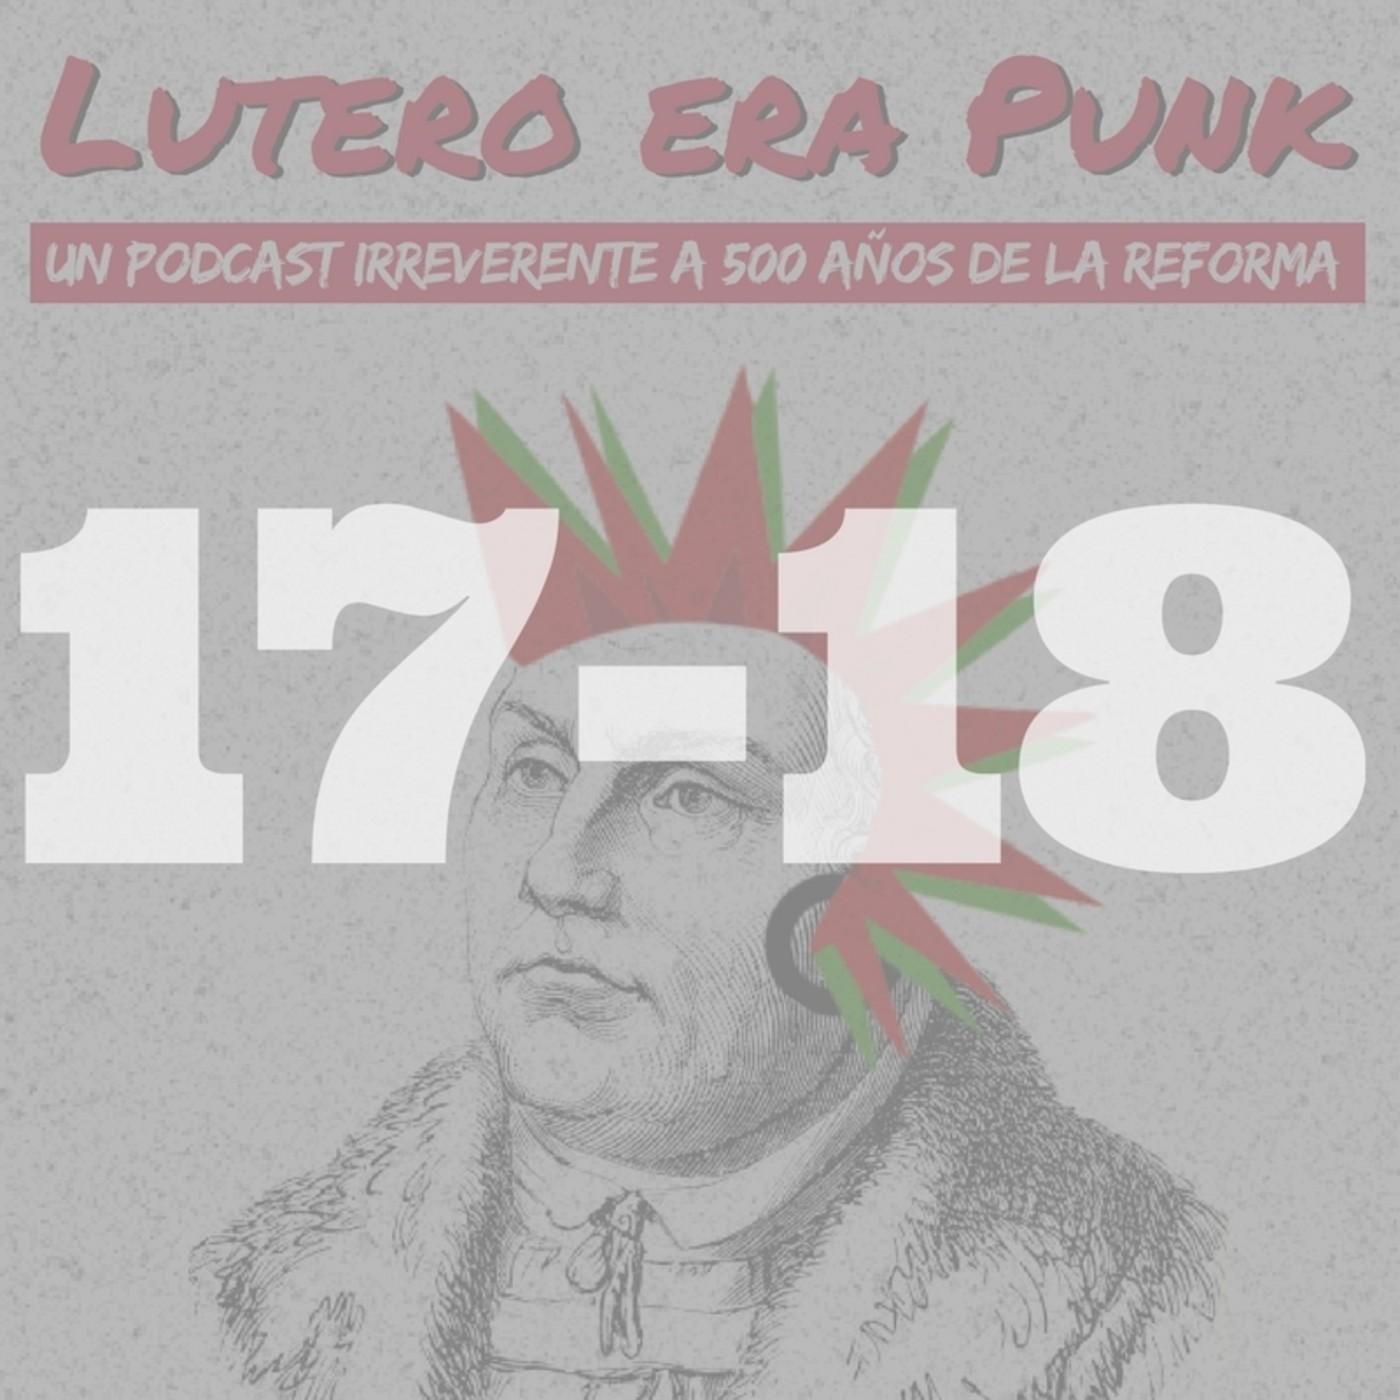 Lutero era punk | Capítulos 17 y 18